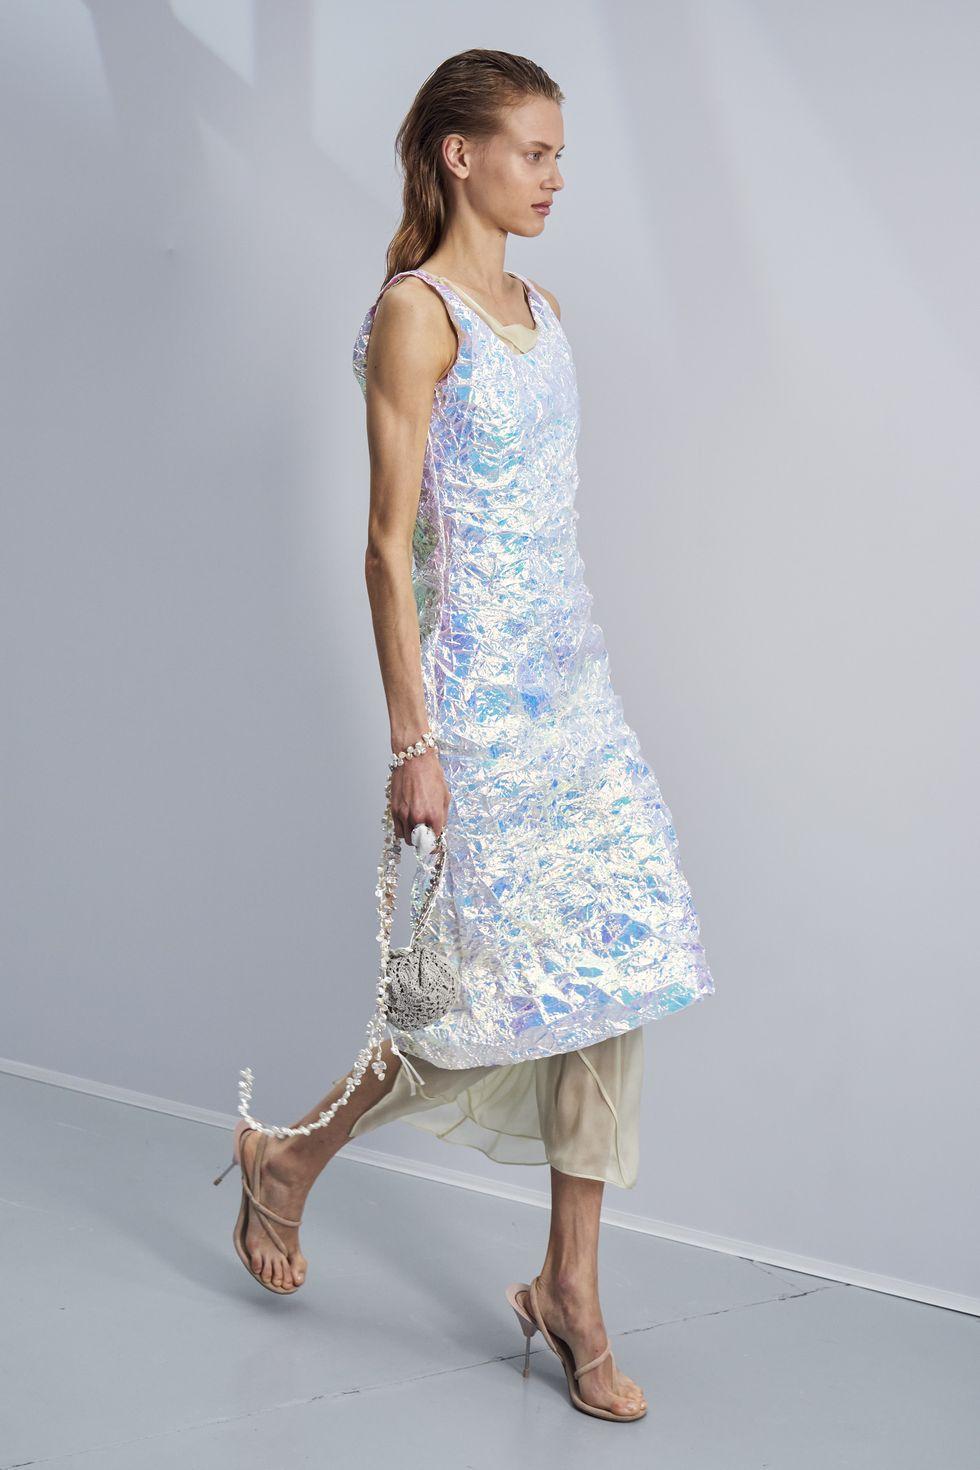 Модель в серебристом блестящем платье миди и бежевых босоножках на ремешках от Аcne